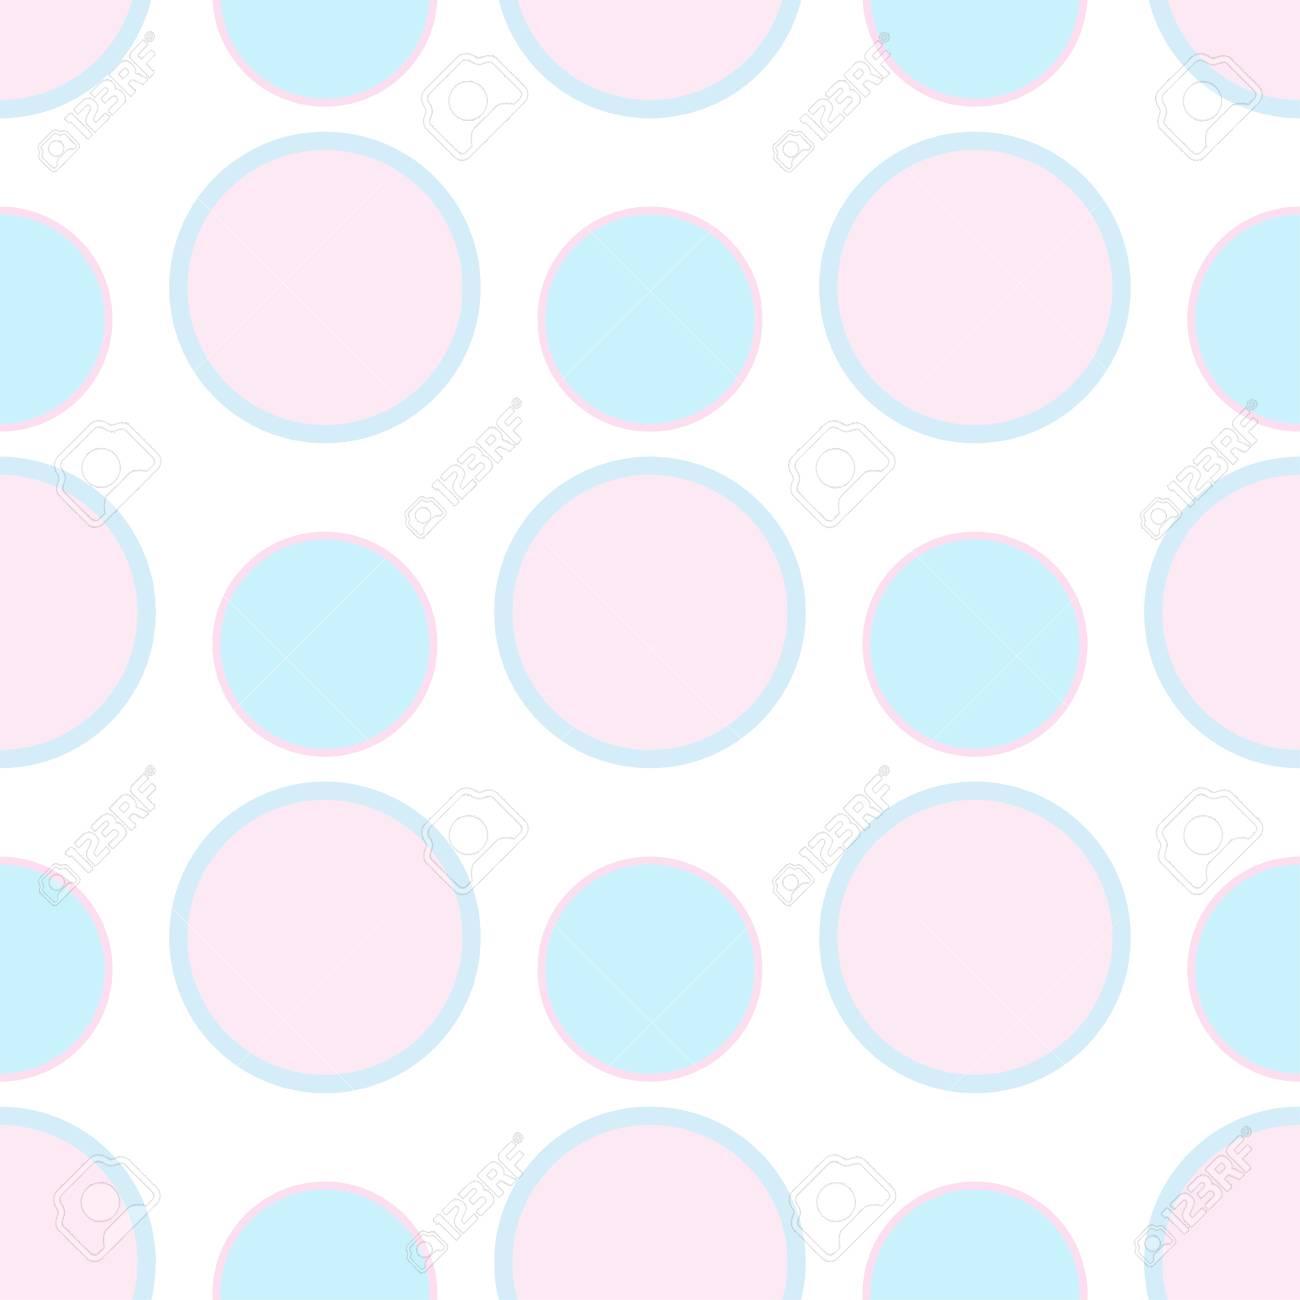 色とりどりのシームレスなパターン 表面の抽象的な幾何学的な壁紙